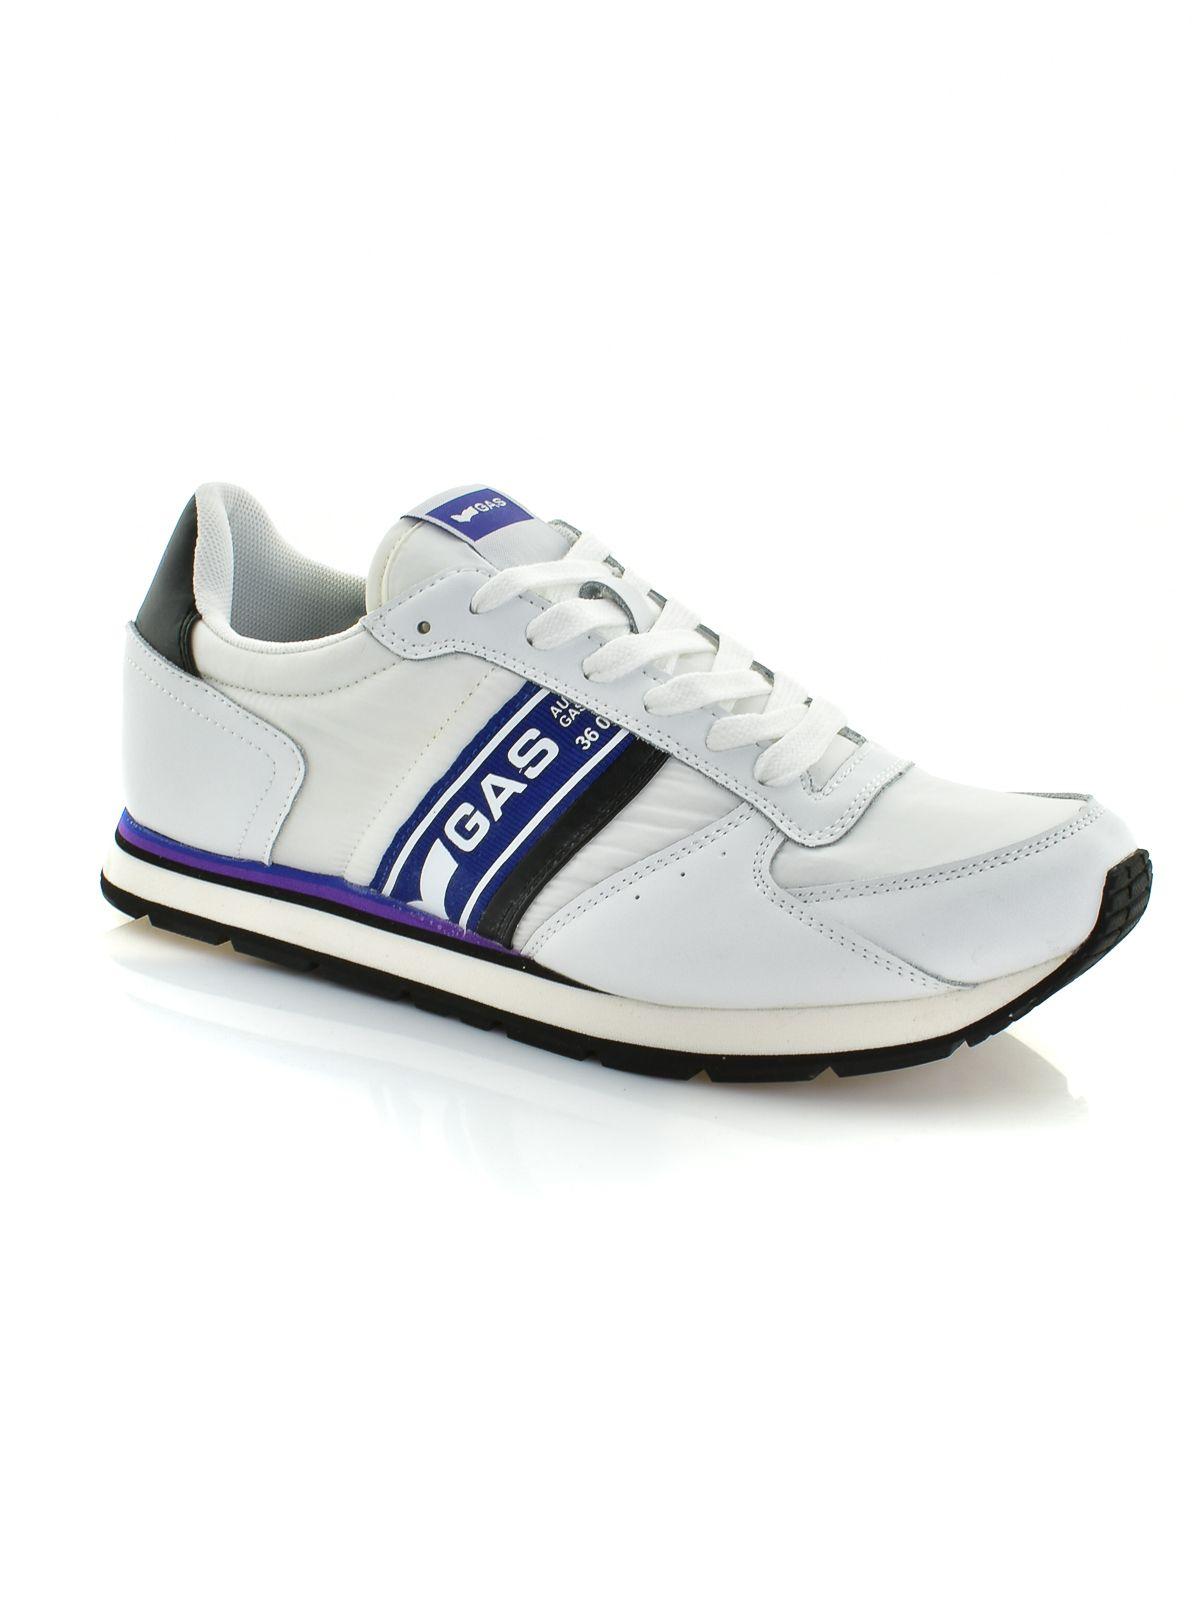 1dc673d9766e Gas férfi cipő ROB NYC   Markasbolt.hu Hivatalos GAS forgalmazó